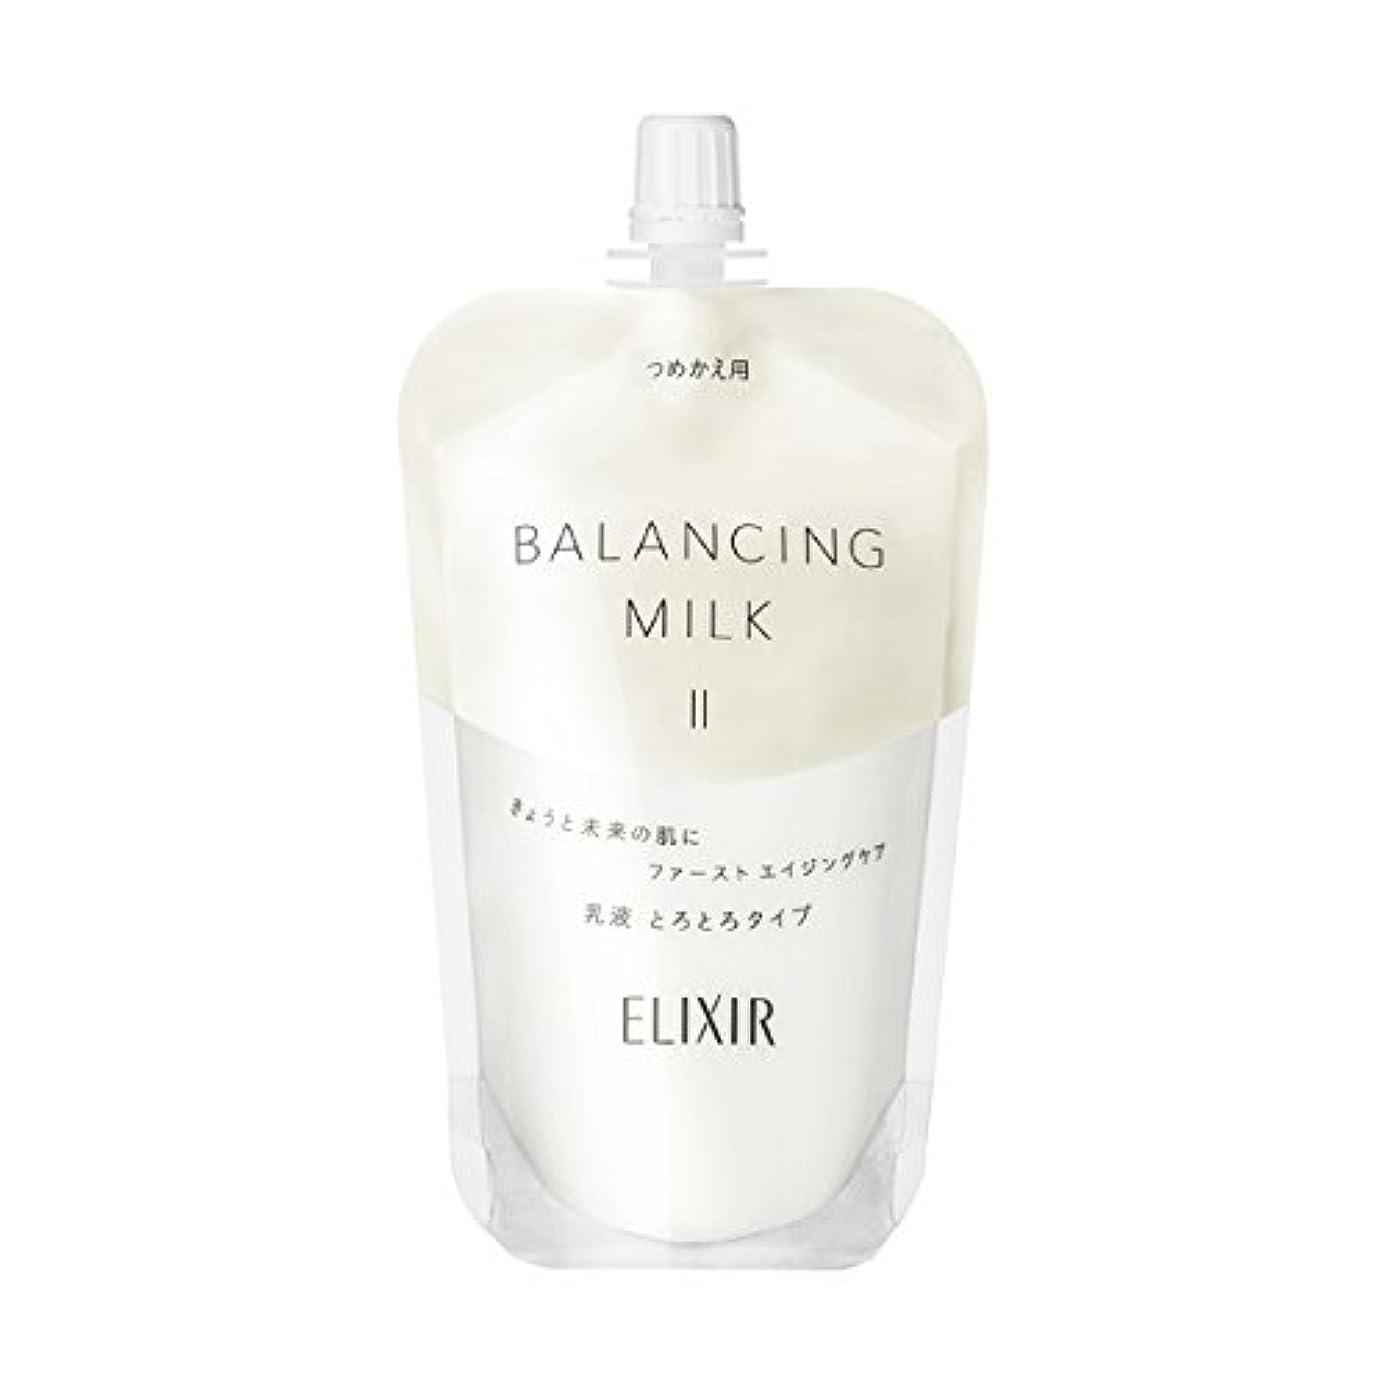 シエスタ公平休眠エリクシール ルフレ バランシング ミルク 乳液 2 (とろとろタイプ) (つめかえ用) 110mL